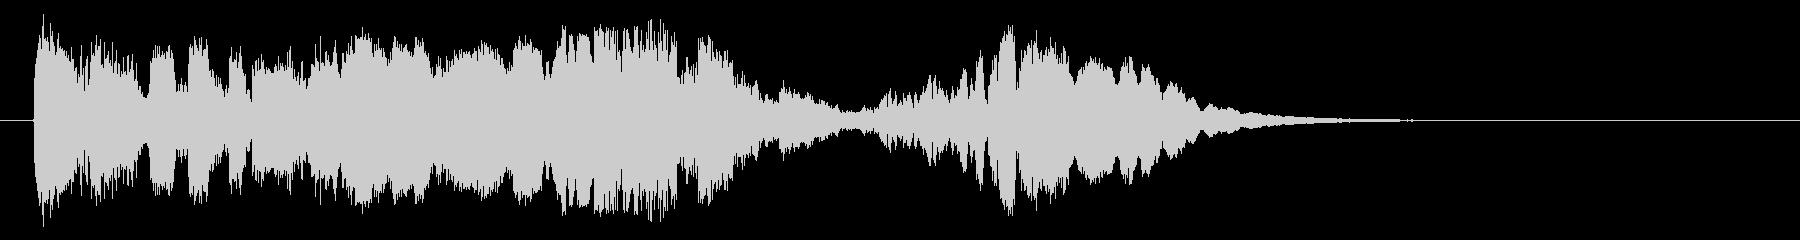 ムーディーなハイクオリティージングル14の未再生の波形